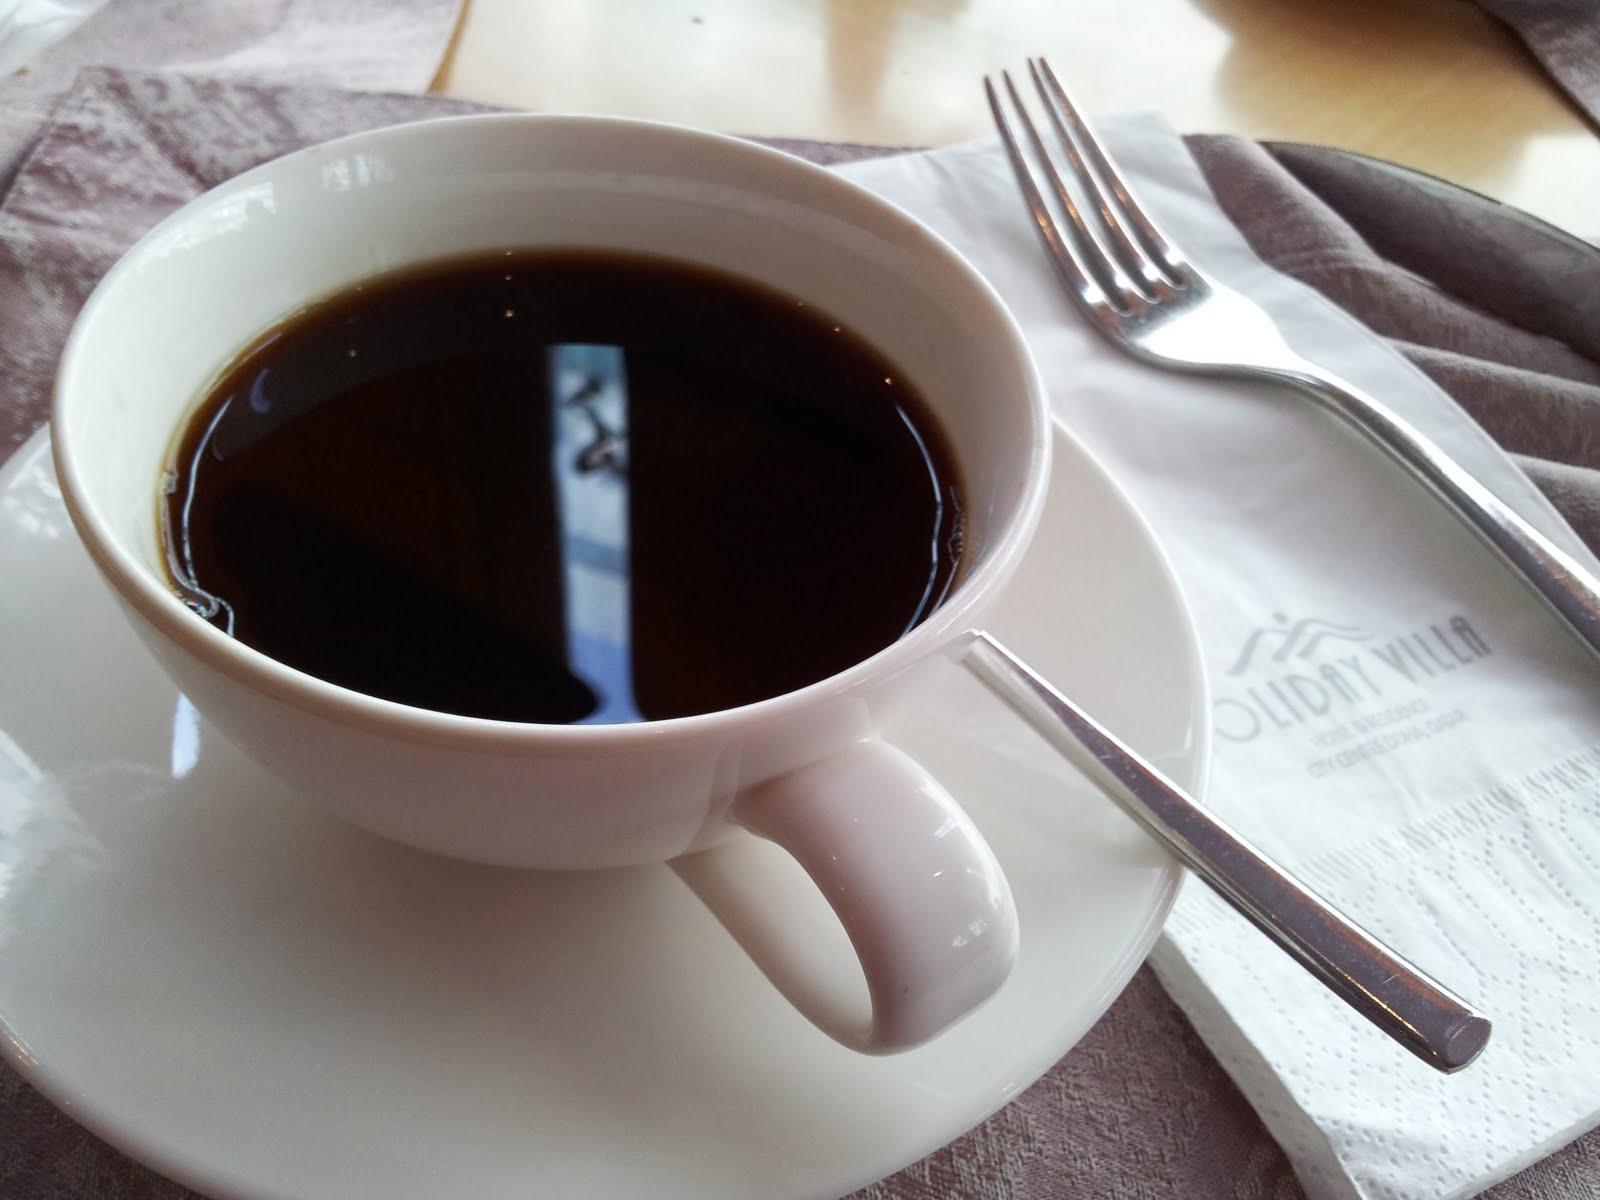 ♥♥♥ Aspoň na kafíčko ♥♥♥